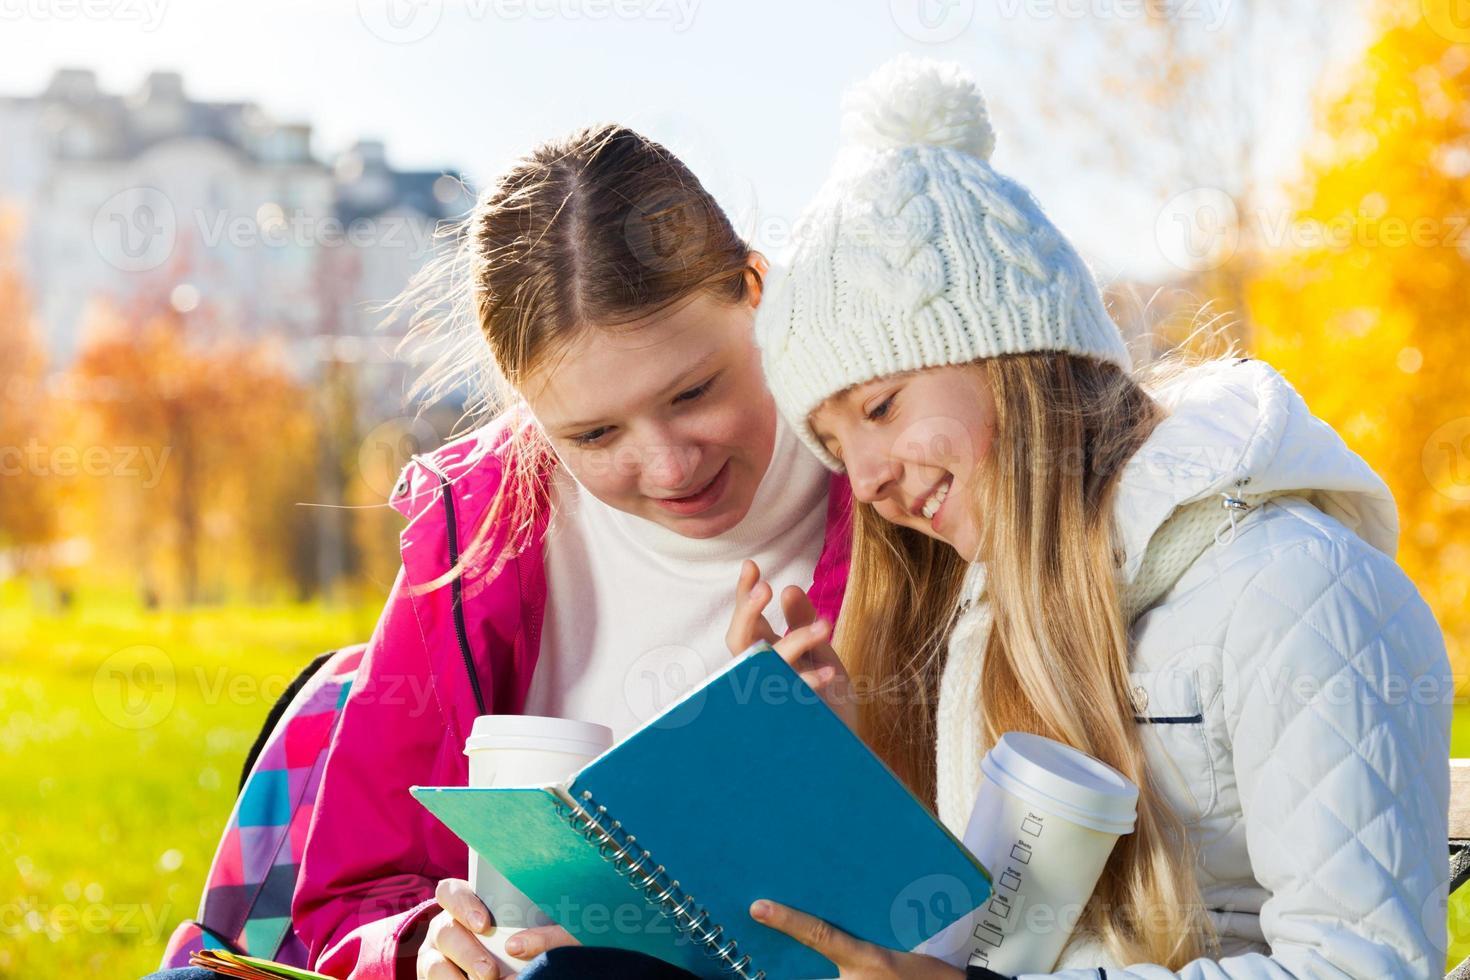 chicas hablando mirando al libro de texto foto